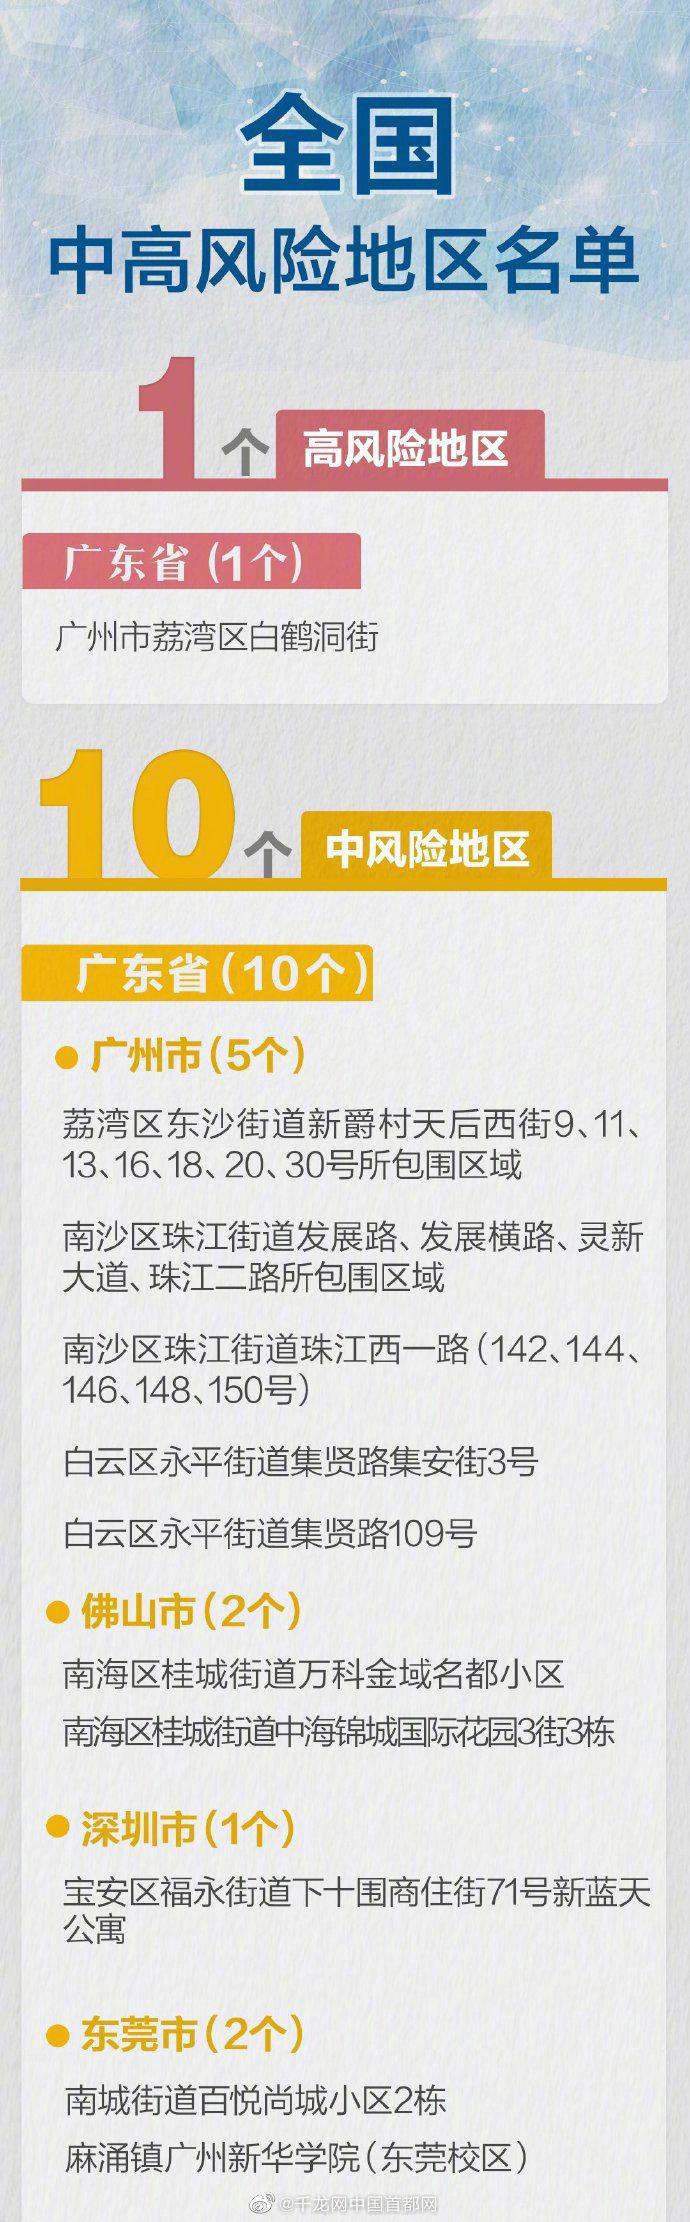 广东湛江一地降级 ,全国高中风险区现共有11个